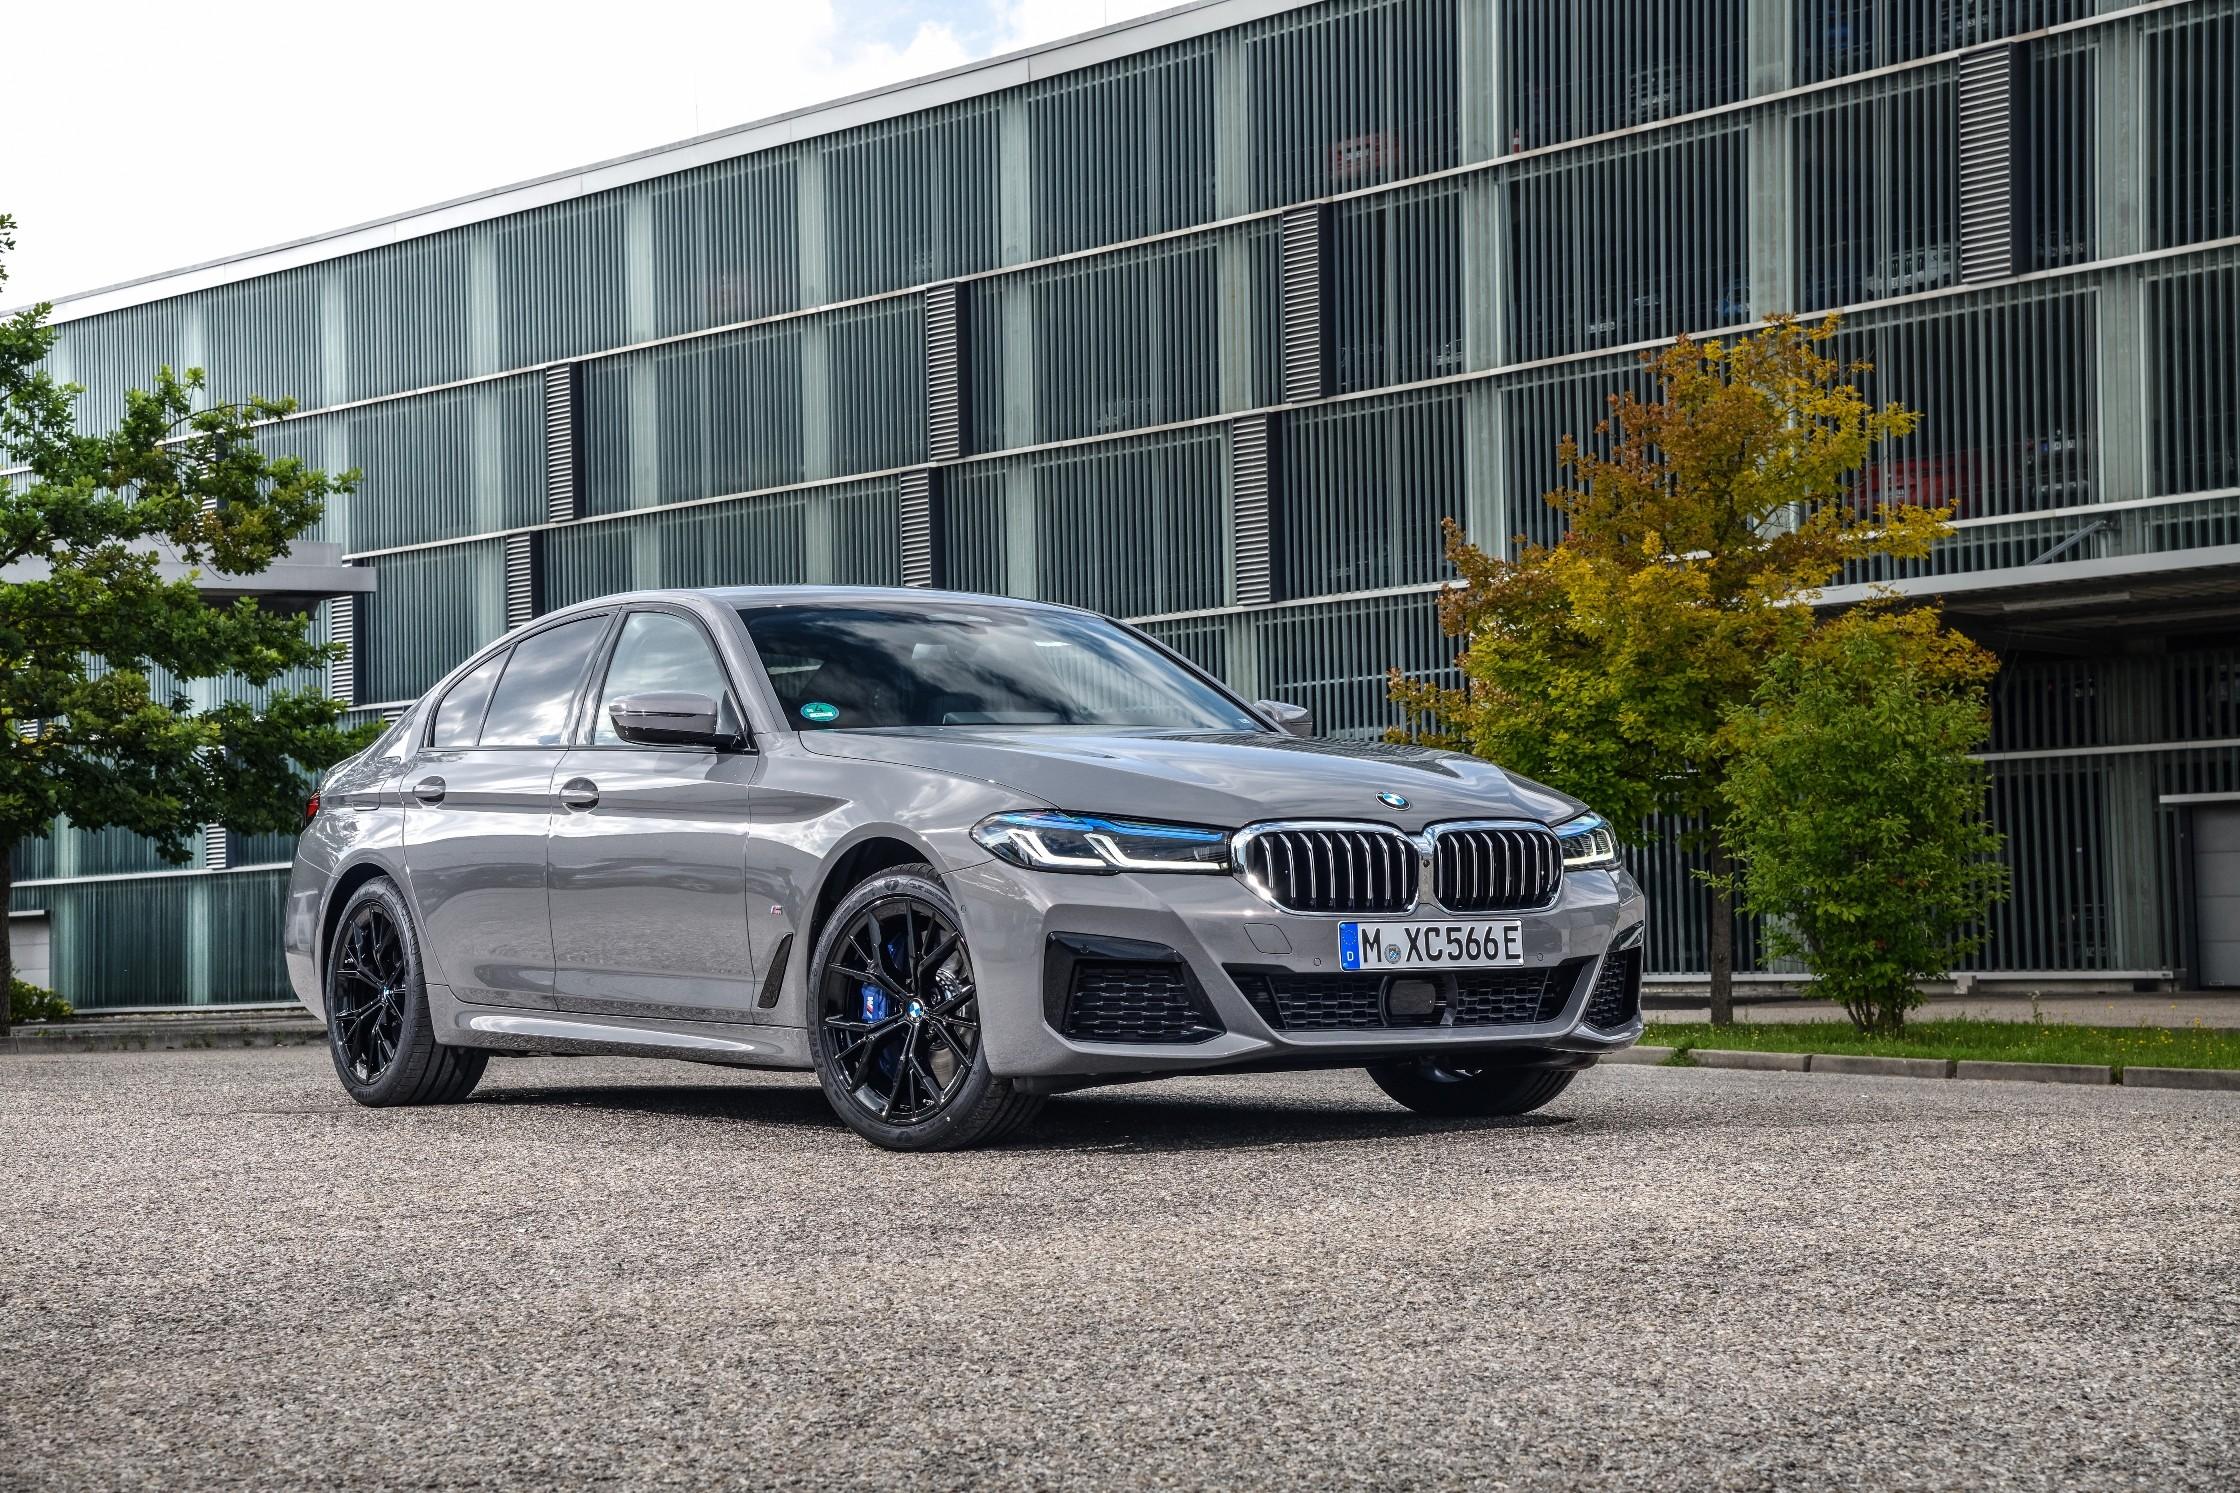 2021 bmw 5 series gains powerful plug-in hybrid option